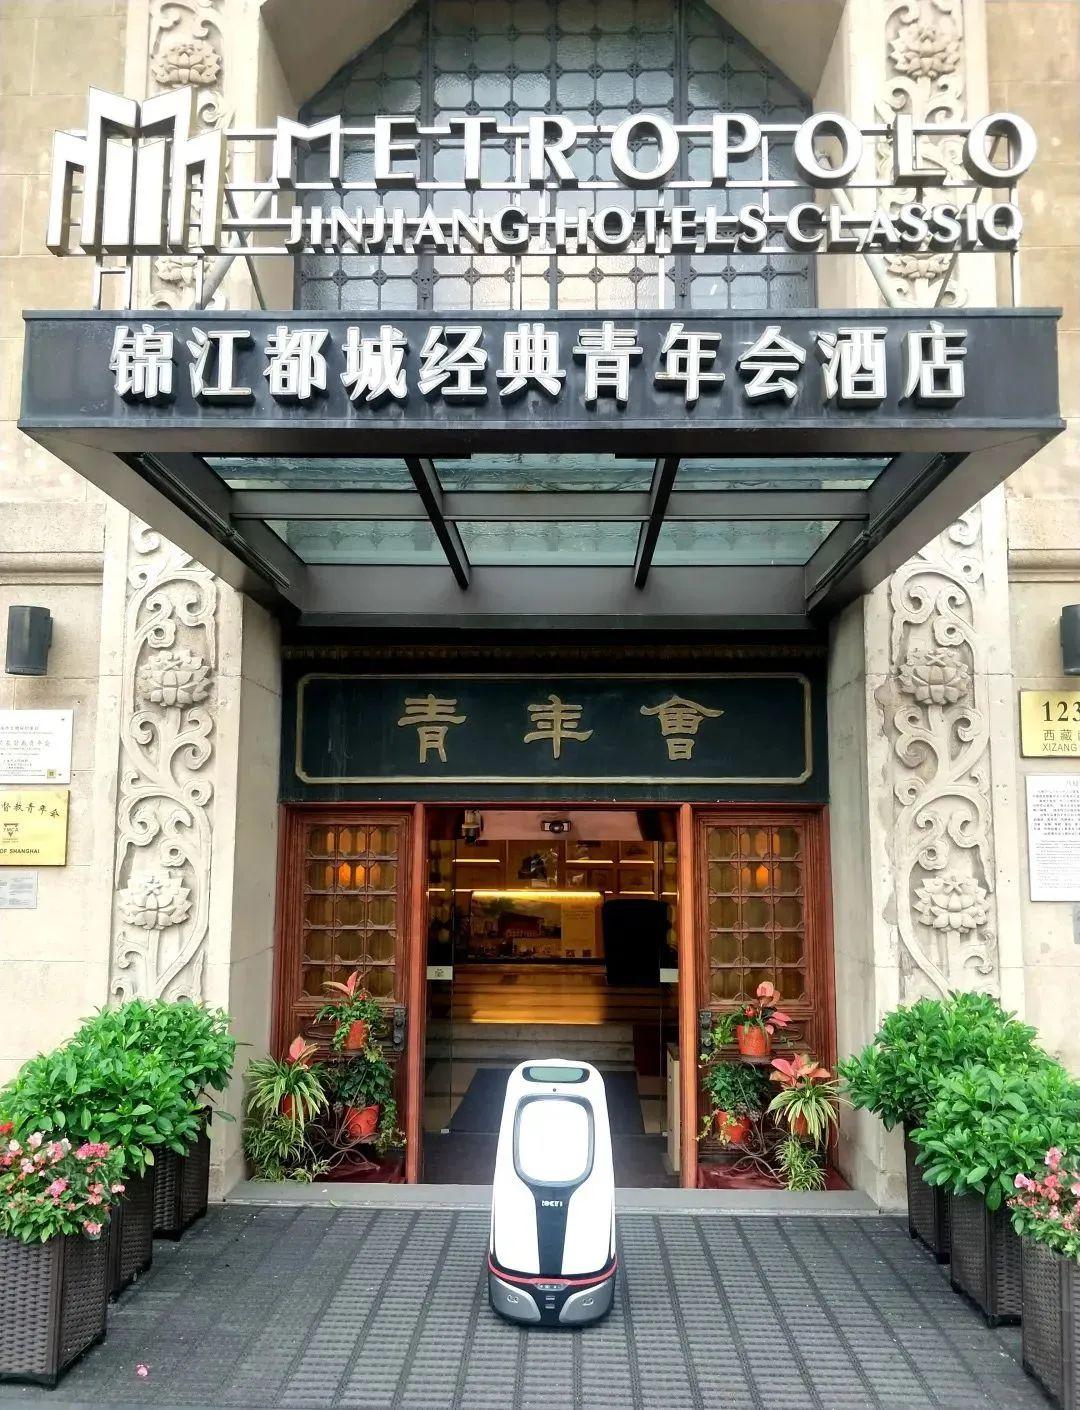 锦江都城锦然有叙沙龙——讲述《海上花》的都市文化